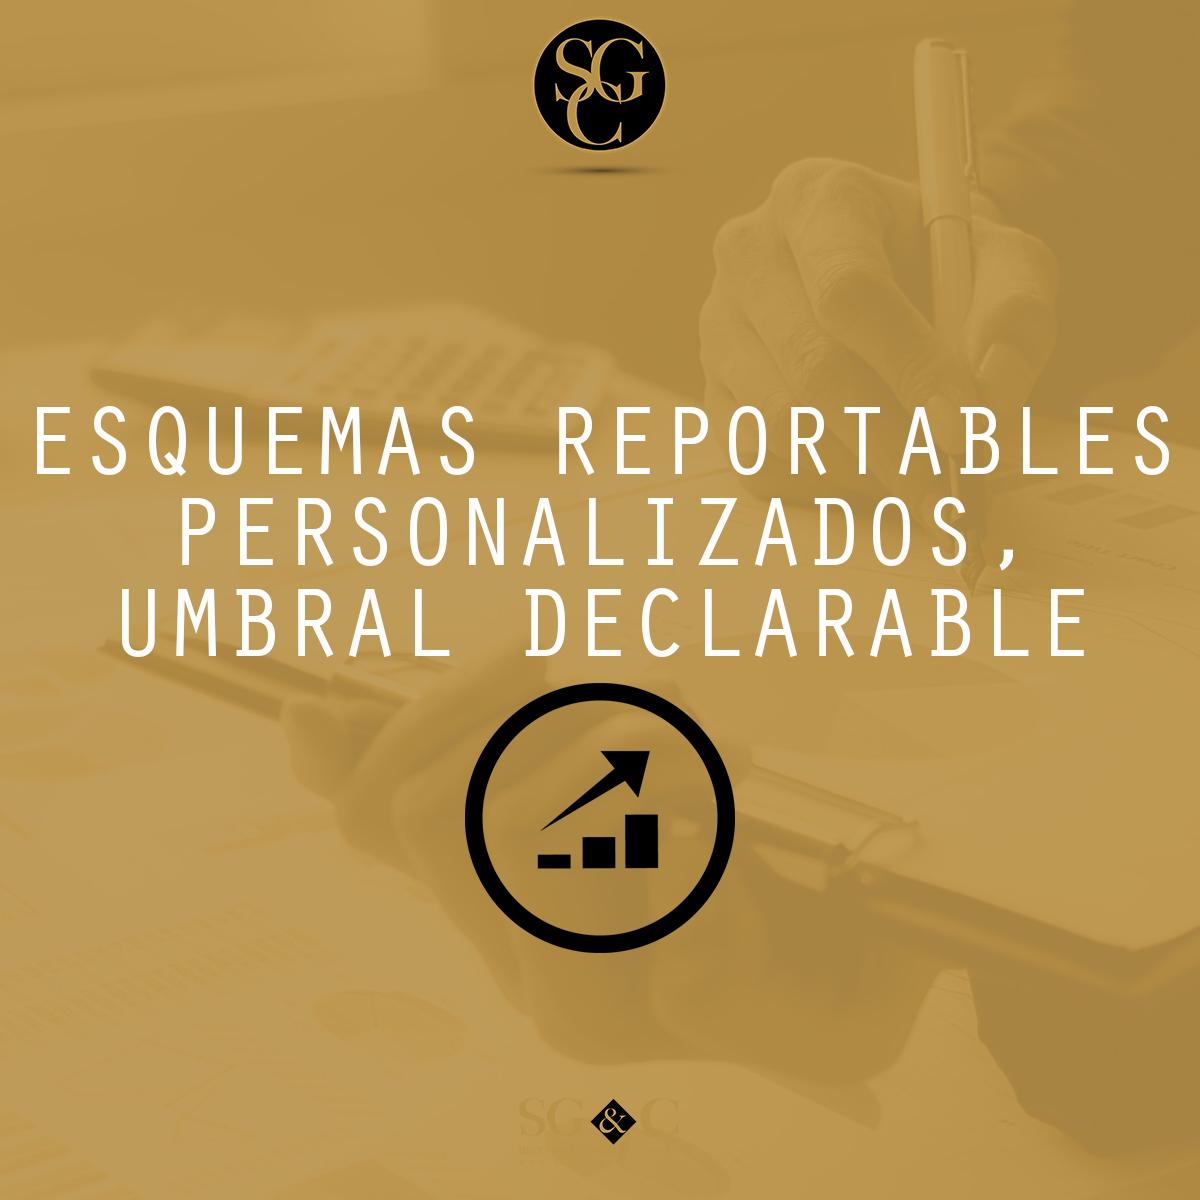 ESQUEMAS REPORTABLES PERSONALIZADOS, UMBRAL DECLARABLE